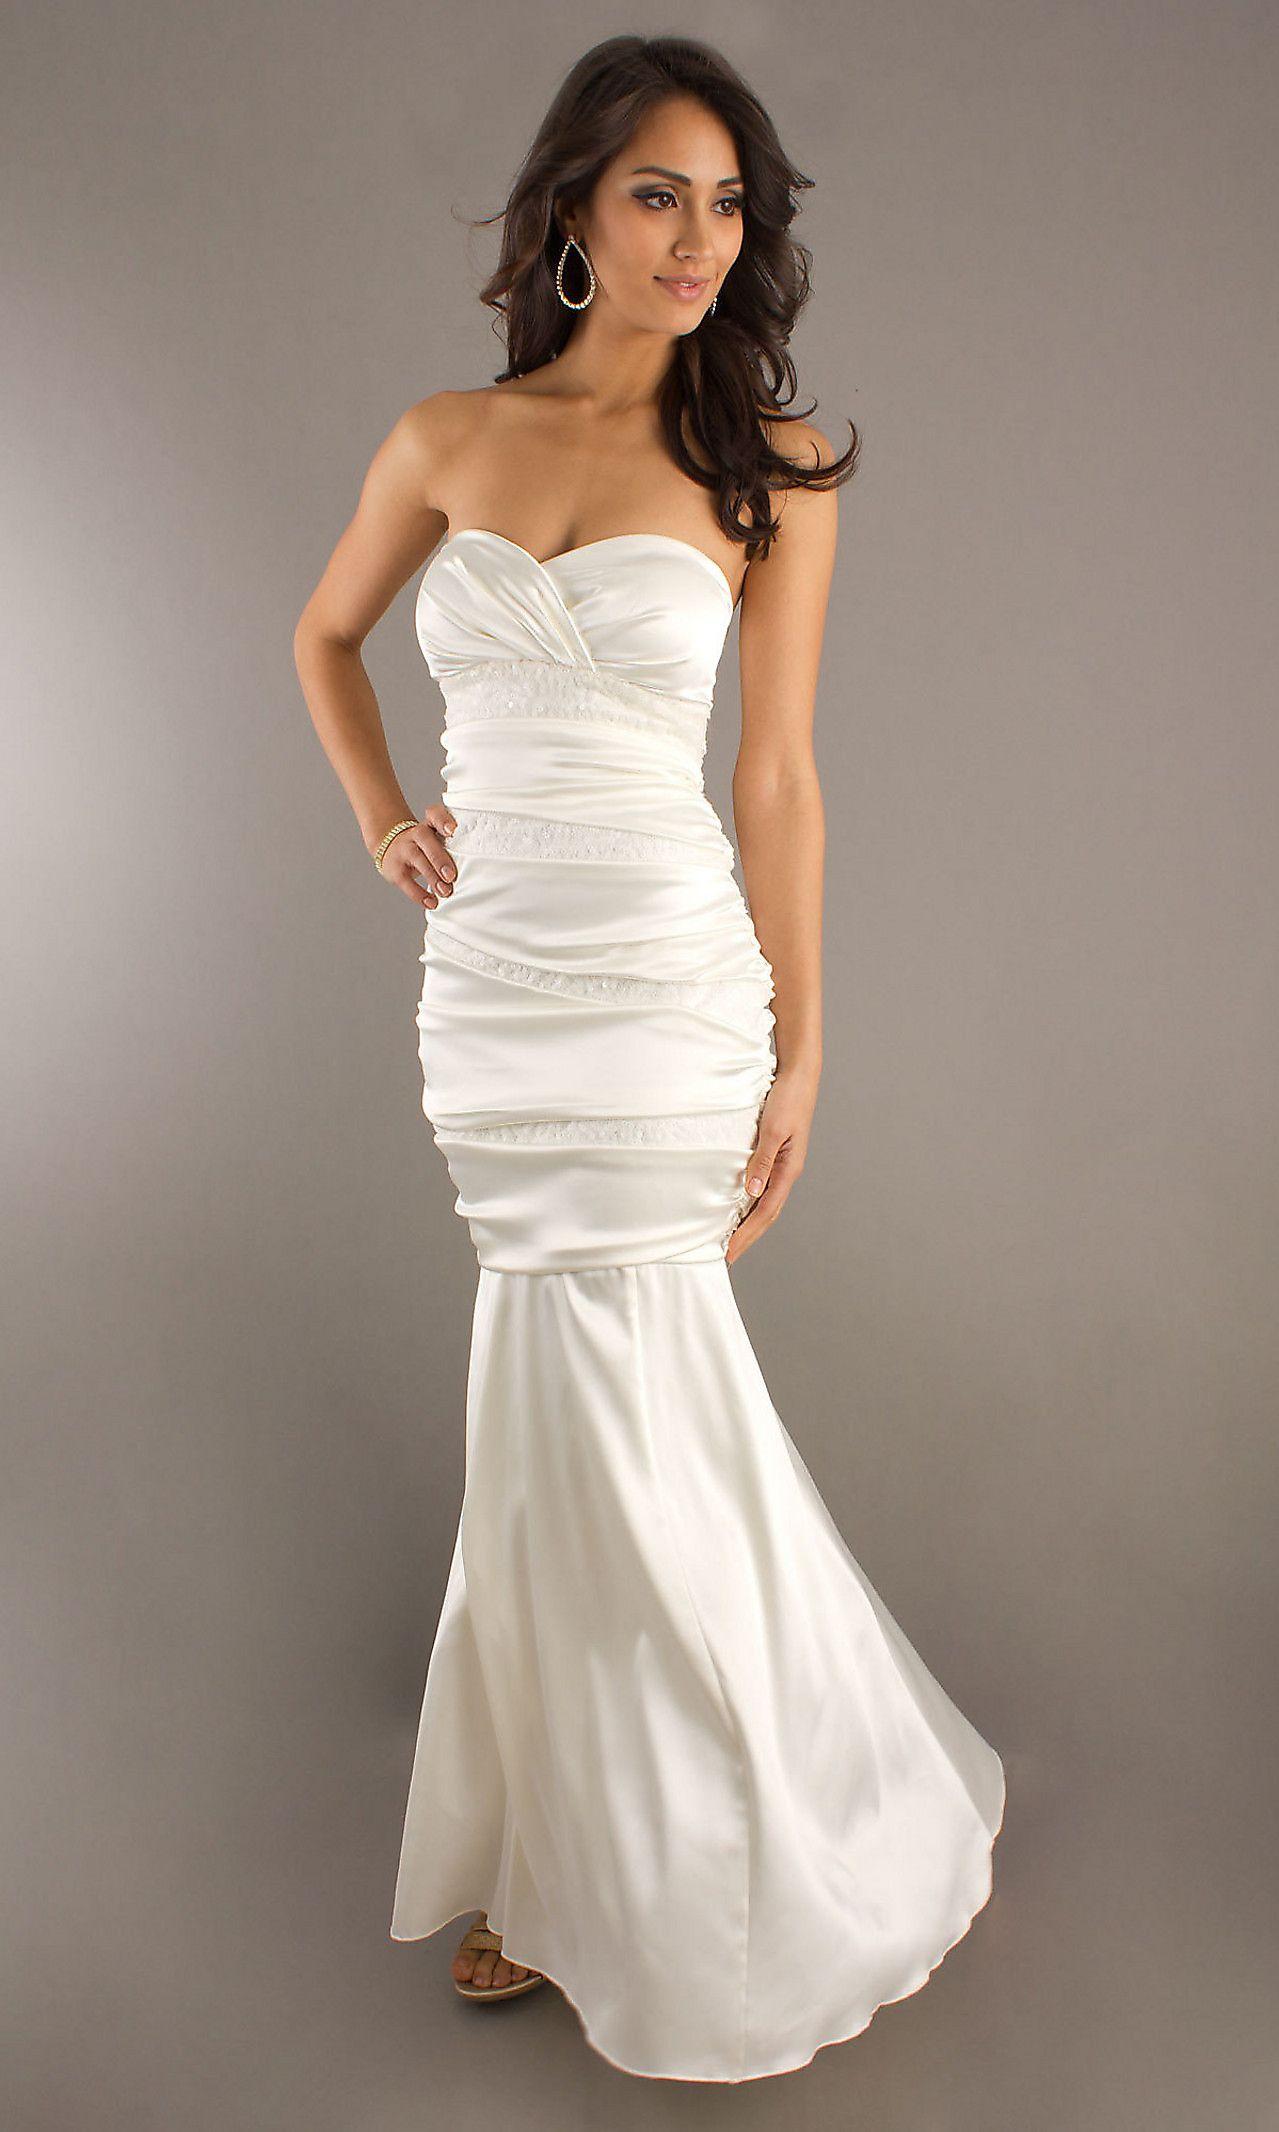 31++ Short cream wedding dresses ideas in 2021